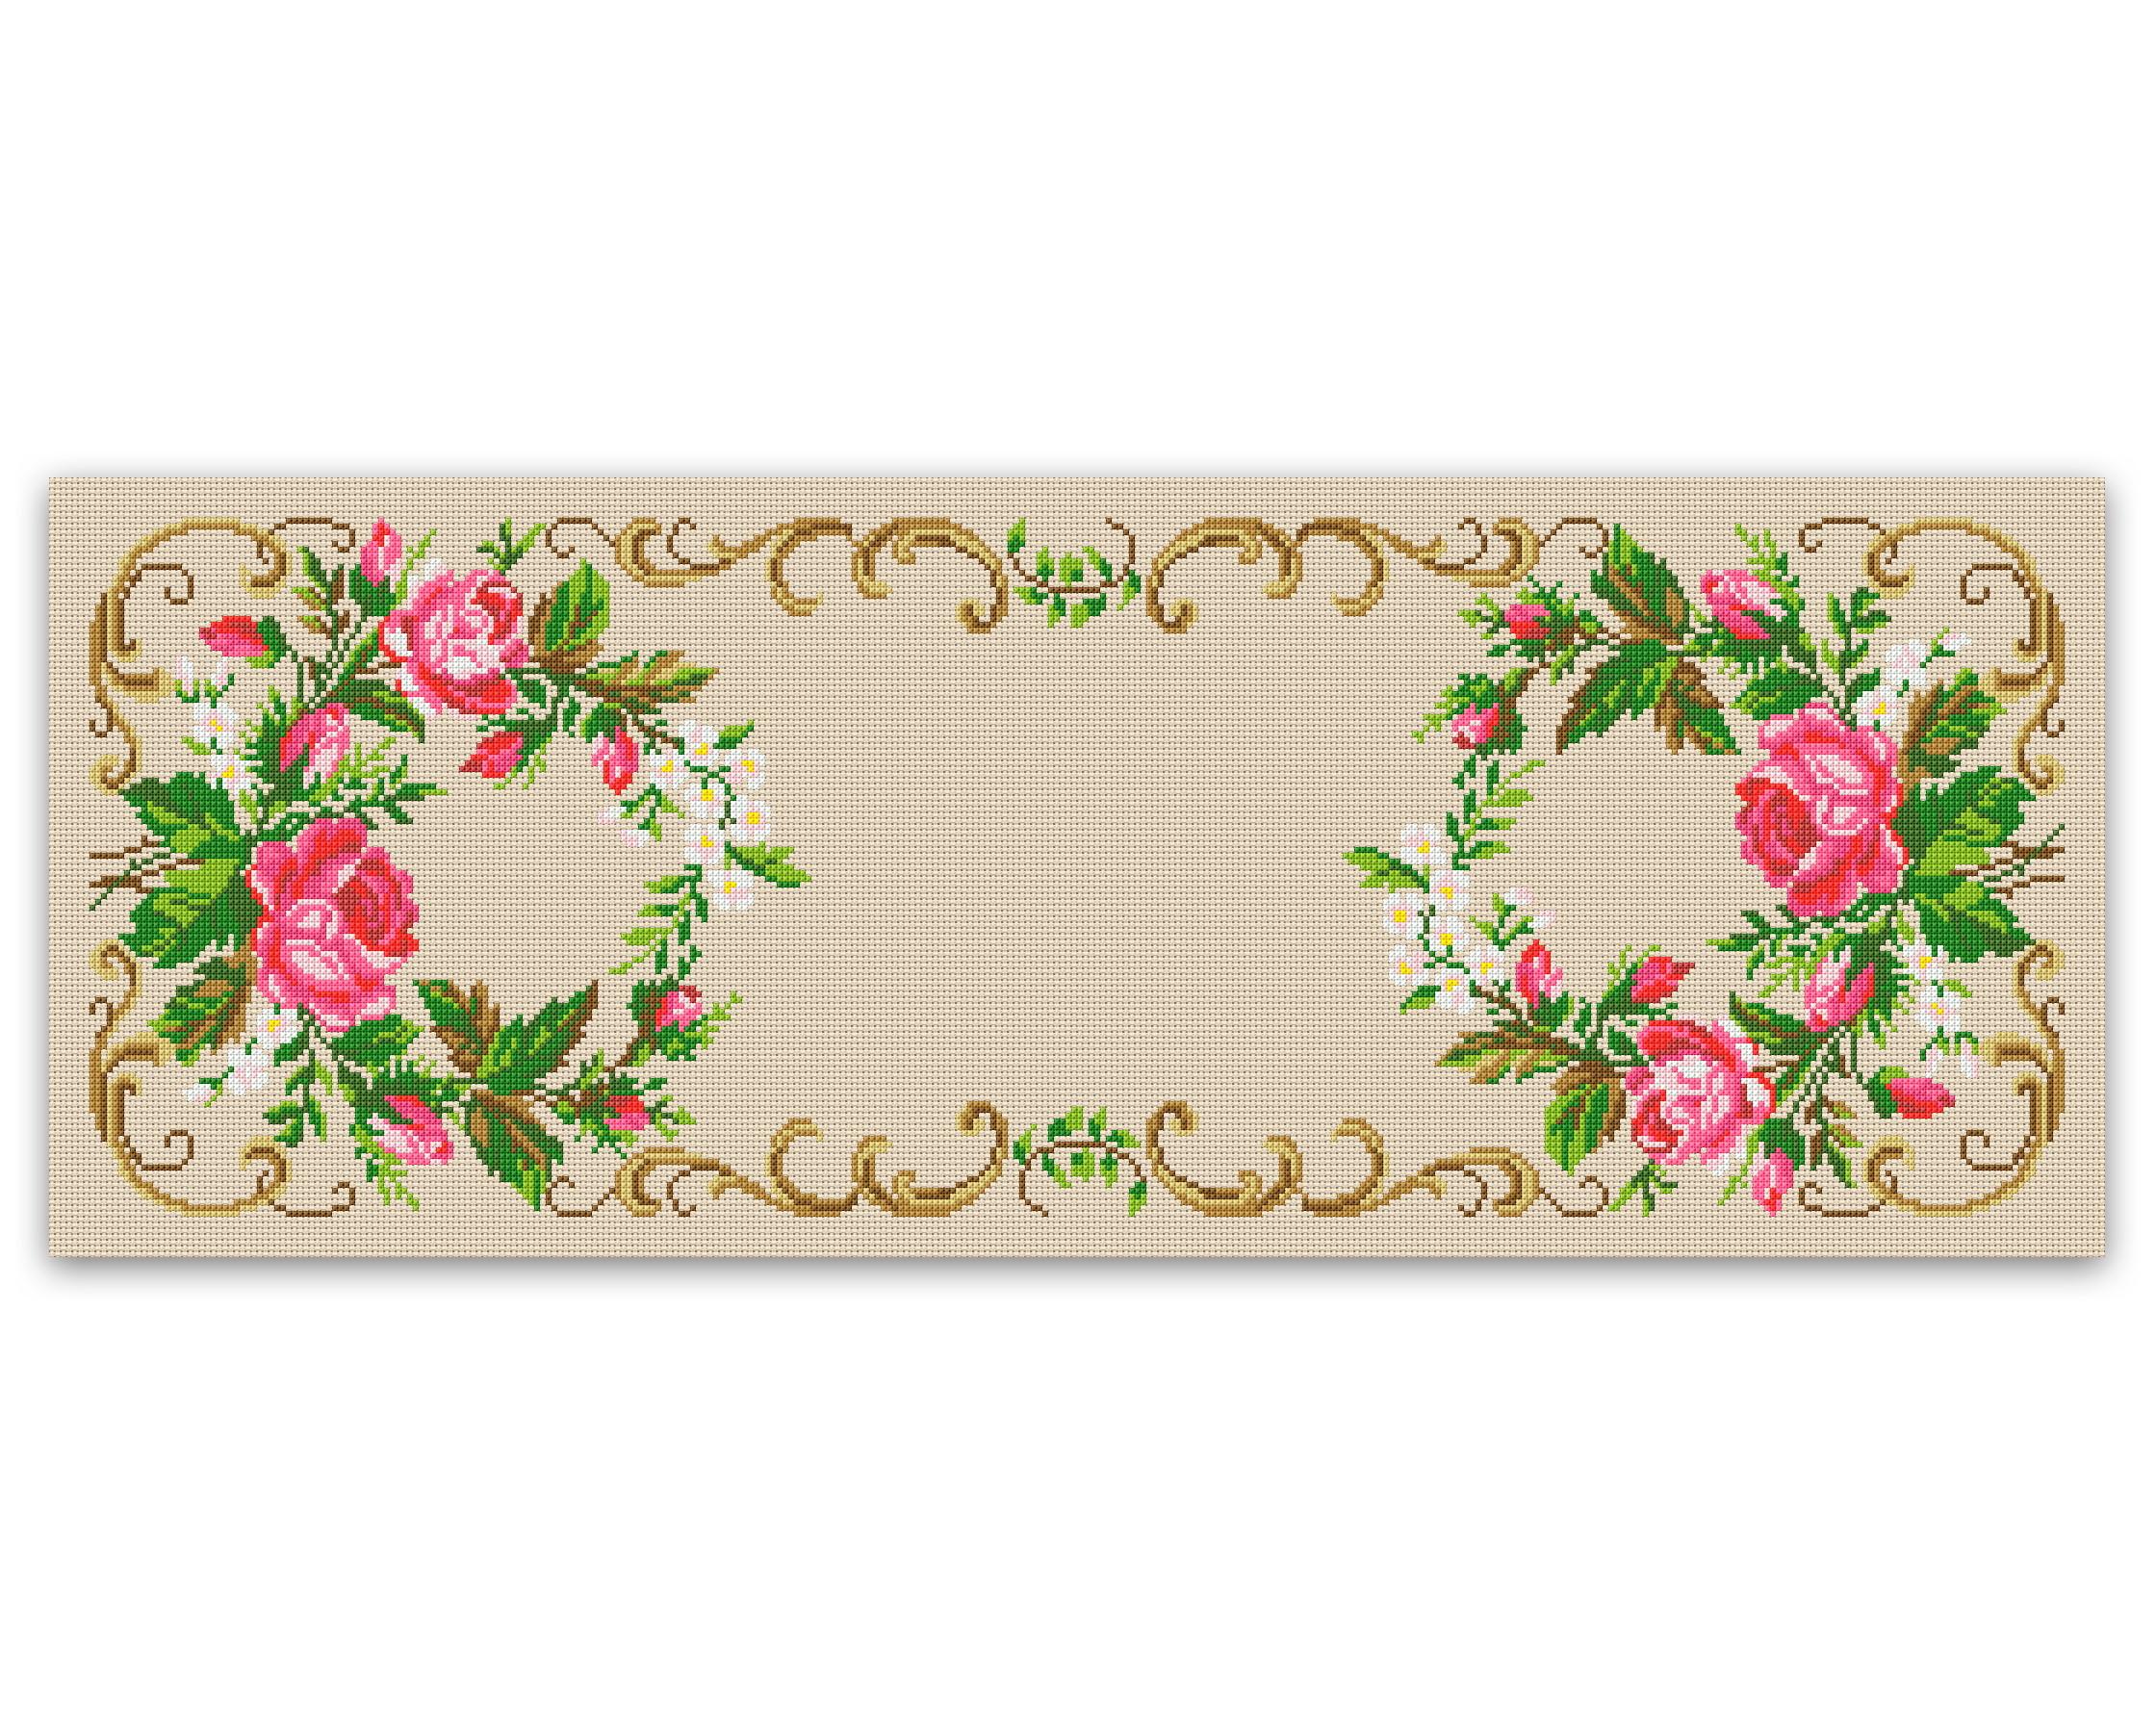 Toalha Com Rosas Gráfico Ponto Cruz No Elo7 Thimage Gráficos De Ponto Cruz 7052c2